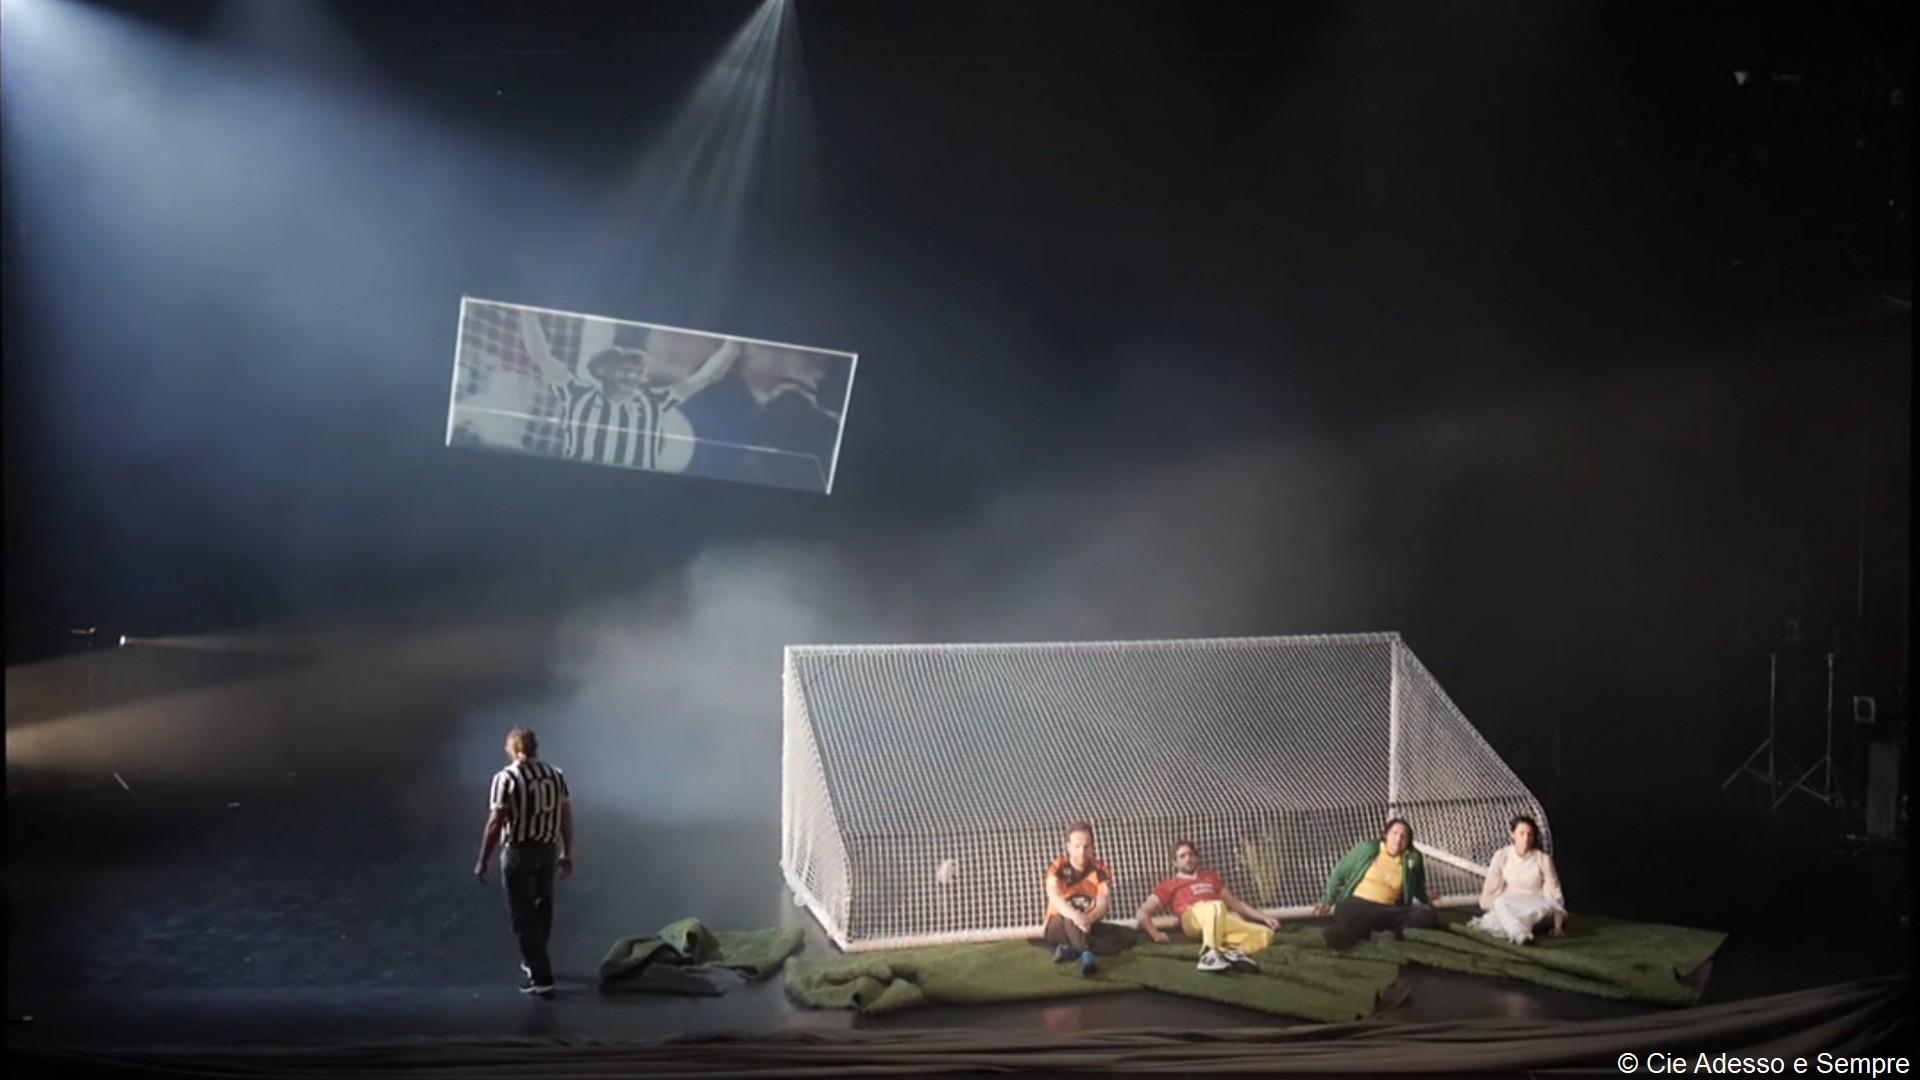 Théâtre – Dans la foule (021) Adesso e sempre